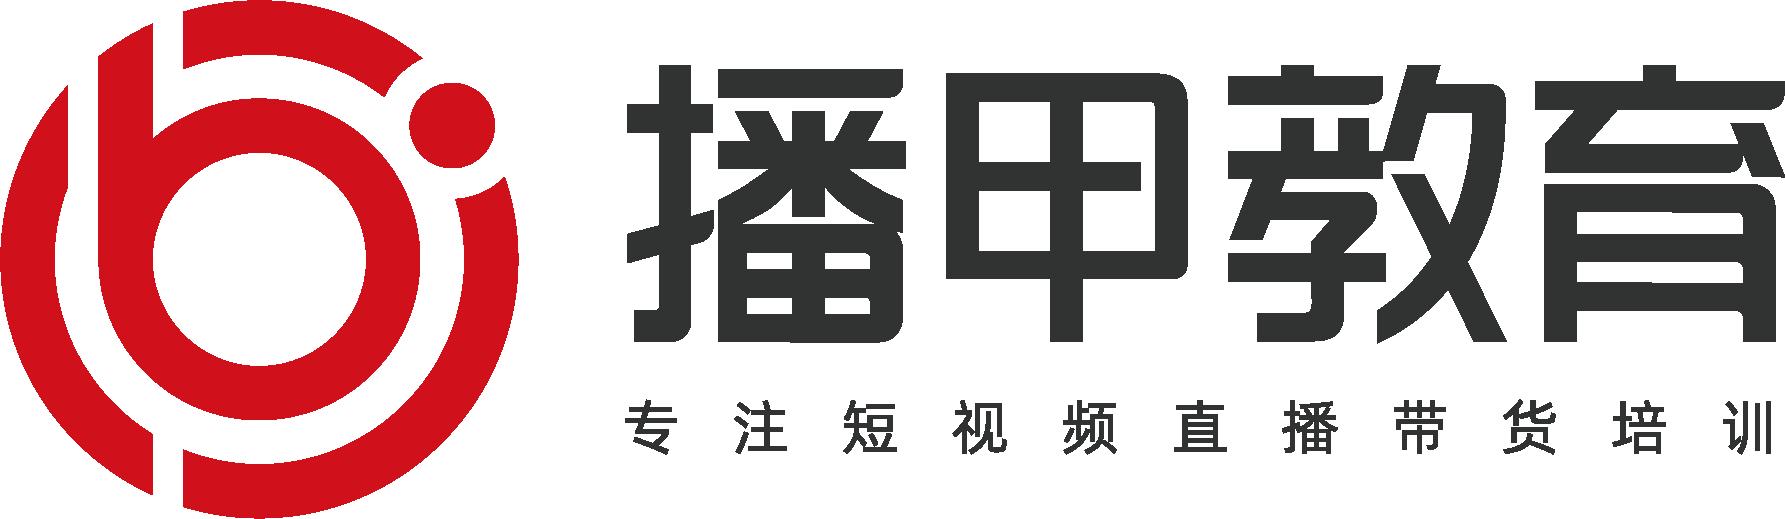 廣州播甲電商直播培訓學校